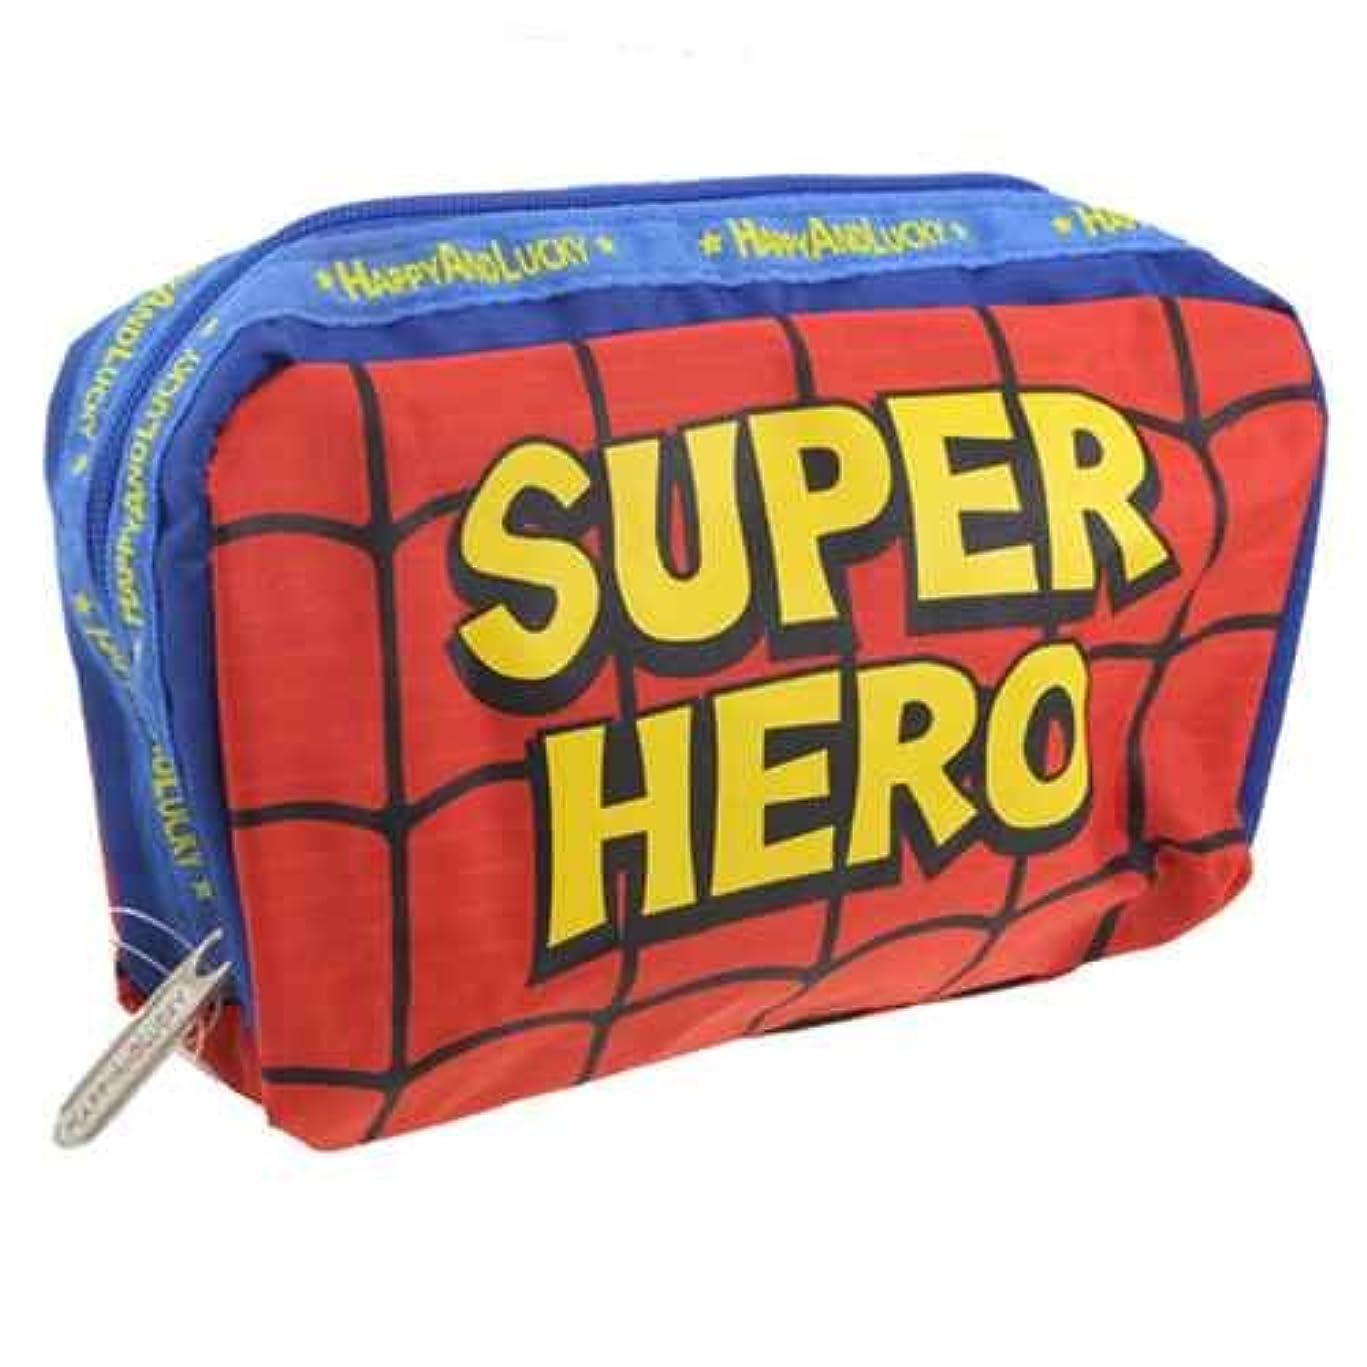 暴露する味最高SUPER HERO/スーパーヒーロー スクエアポーチ可愛いコスメポーチ(小物入れ)通販/